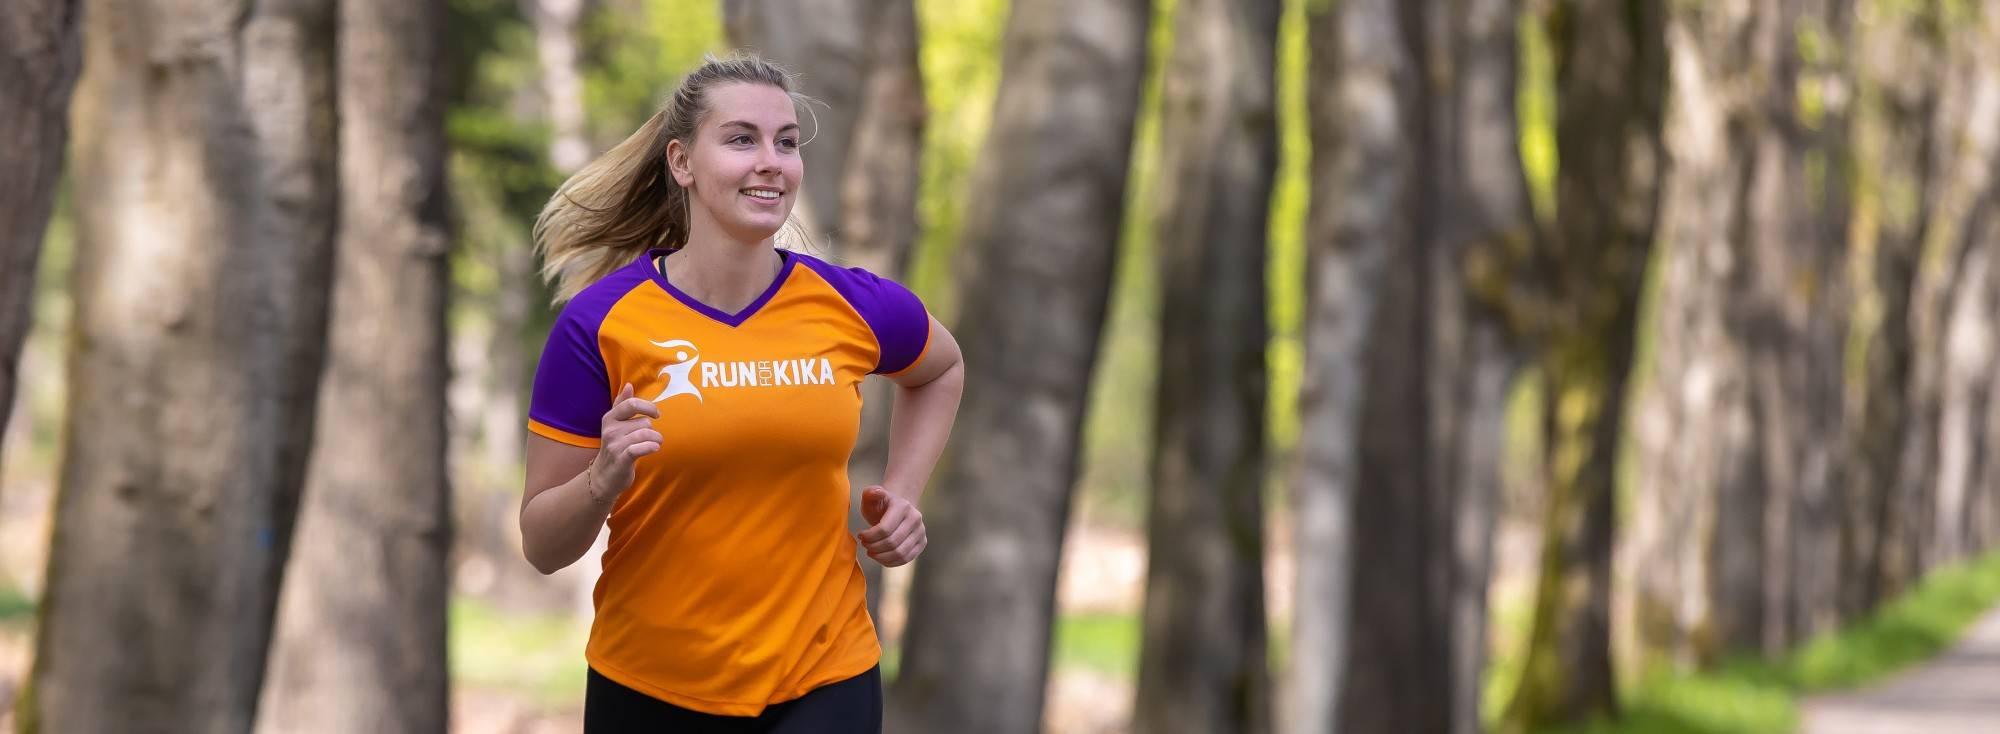 Run for KiKa Marathon loper op de Veluwe